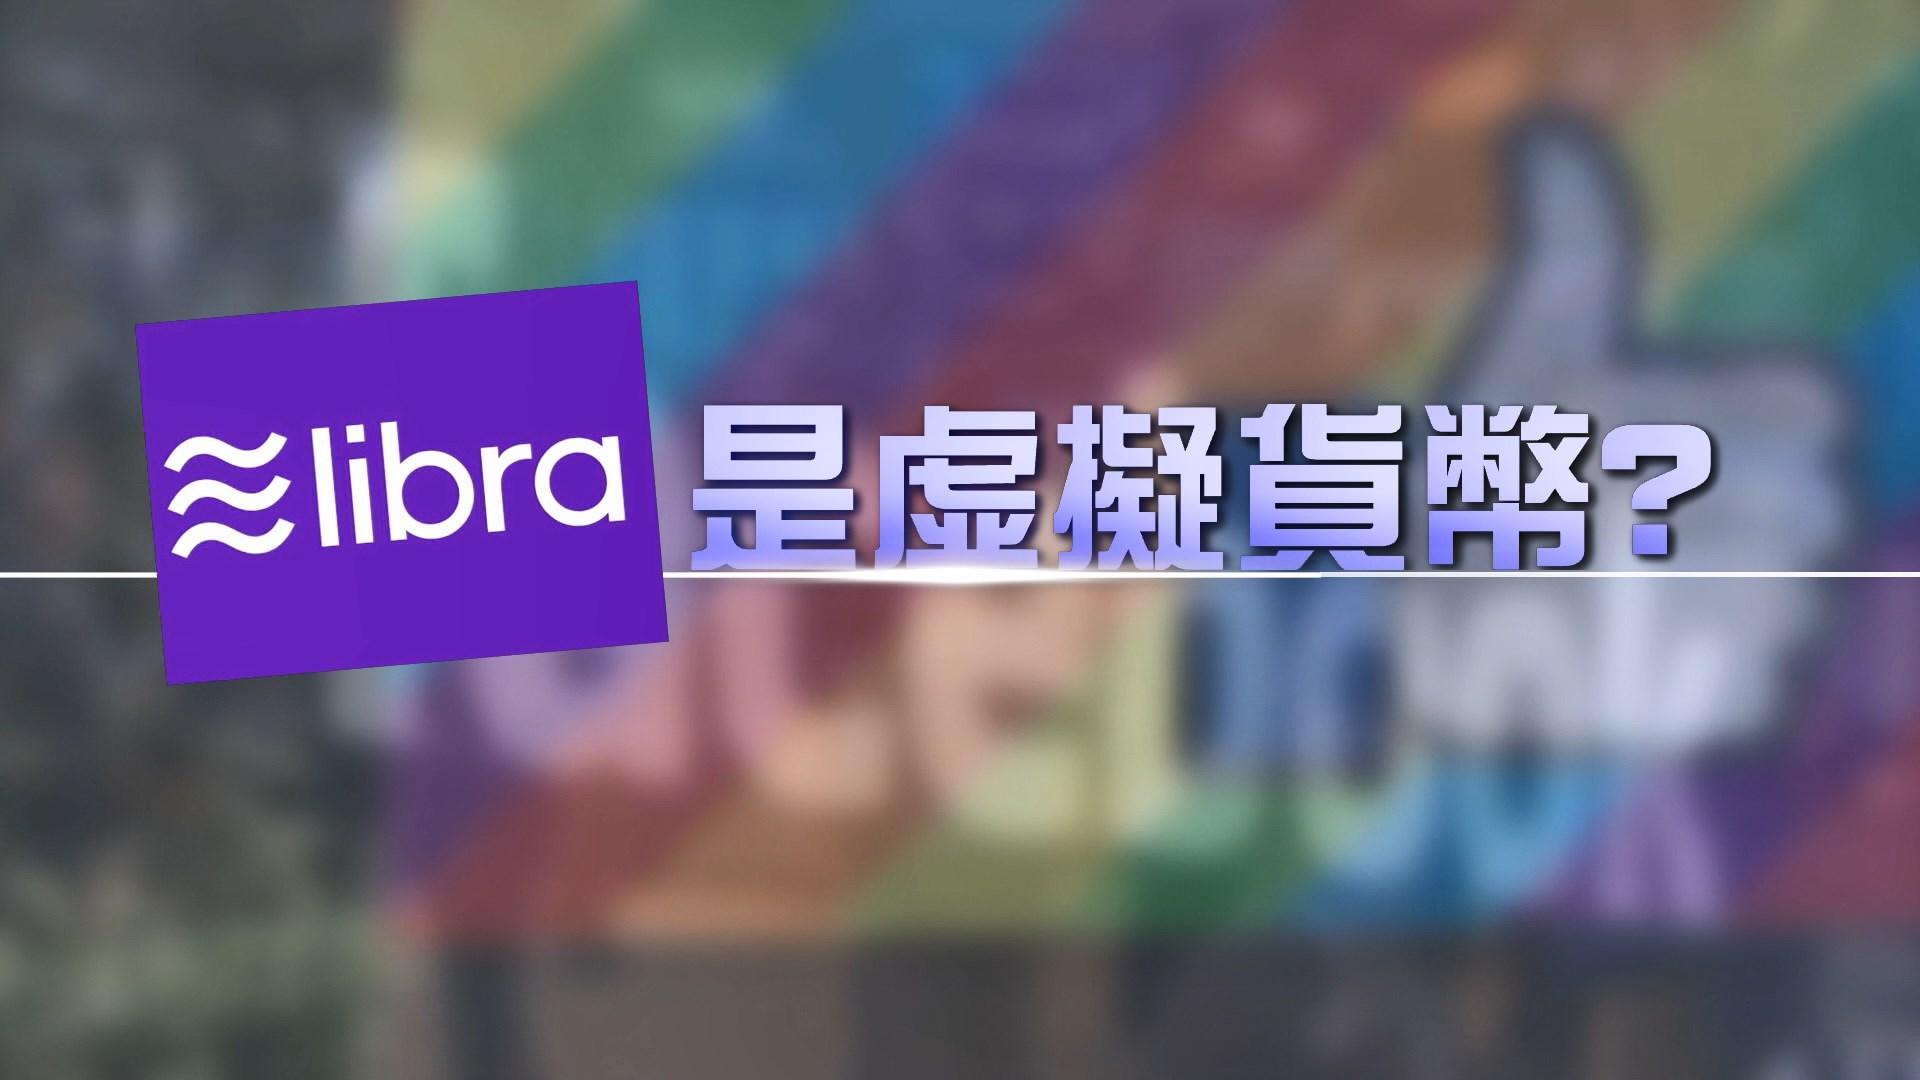 【新聞智庫】Facebook新加密貨幣Libra 是否虛擬貨幣?